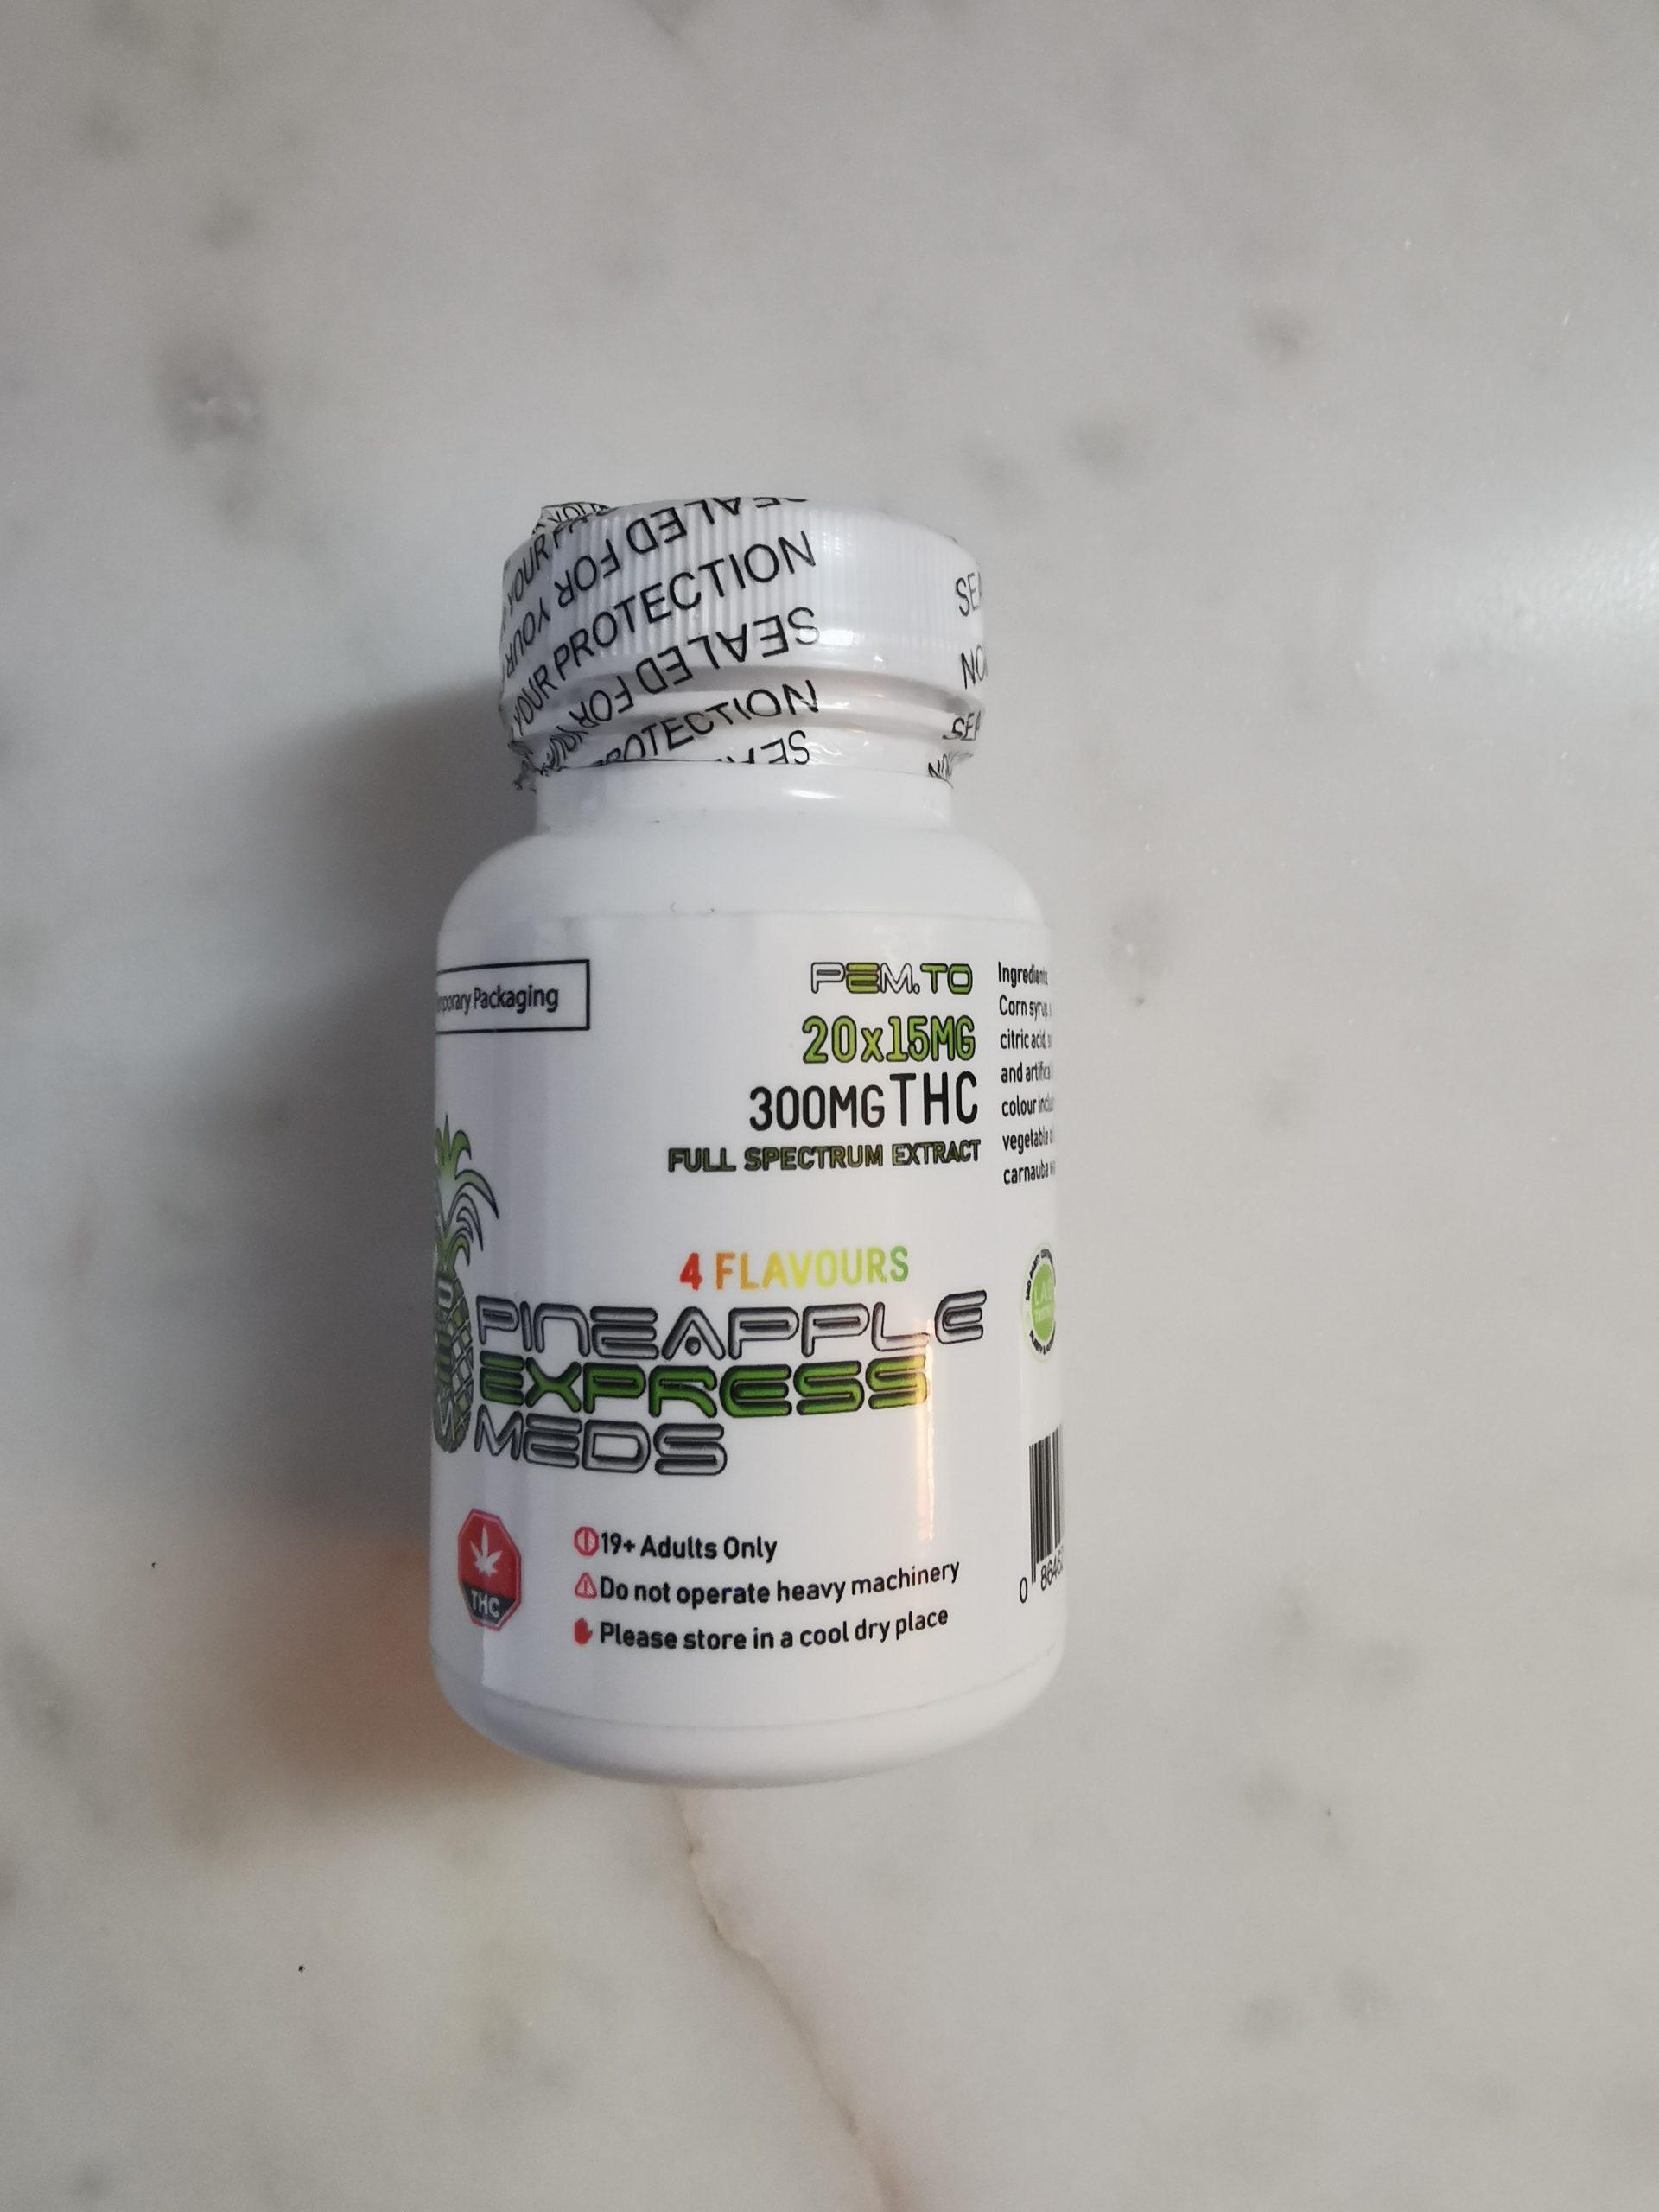 THC Gummies 300mg Pineapple Express Meds - Gummies (300mg THC) - Bottle 2